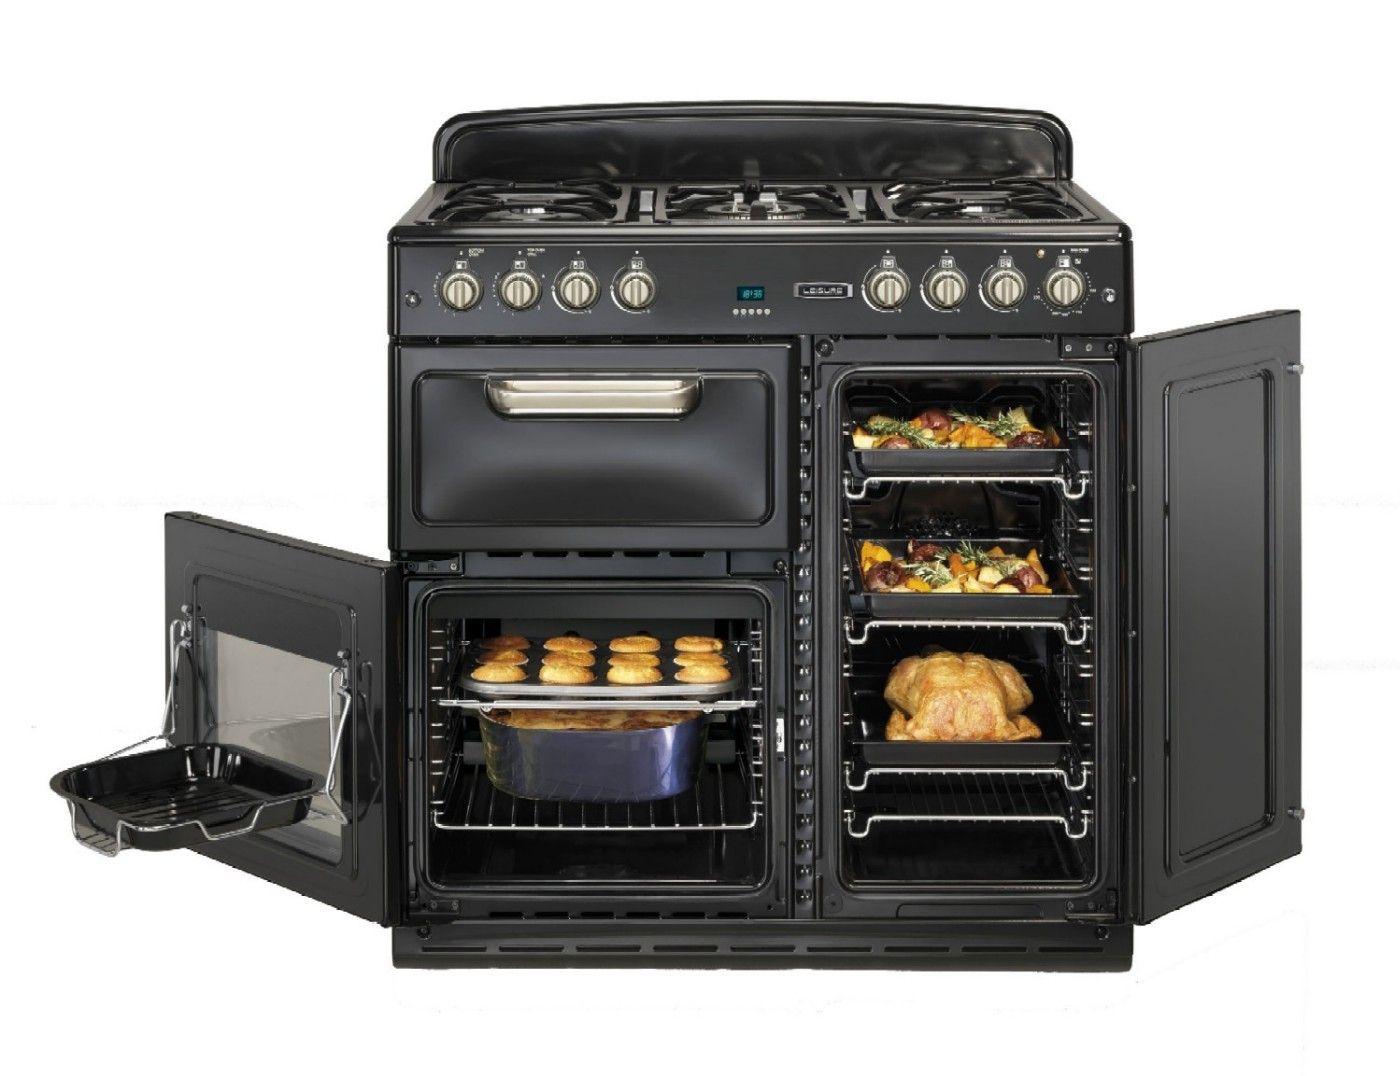 Cocina a gas 90x60 beko leisure cm09frk cocinas - Cocina gas beko ...